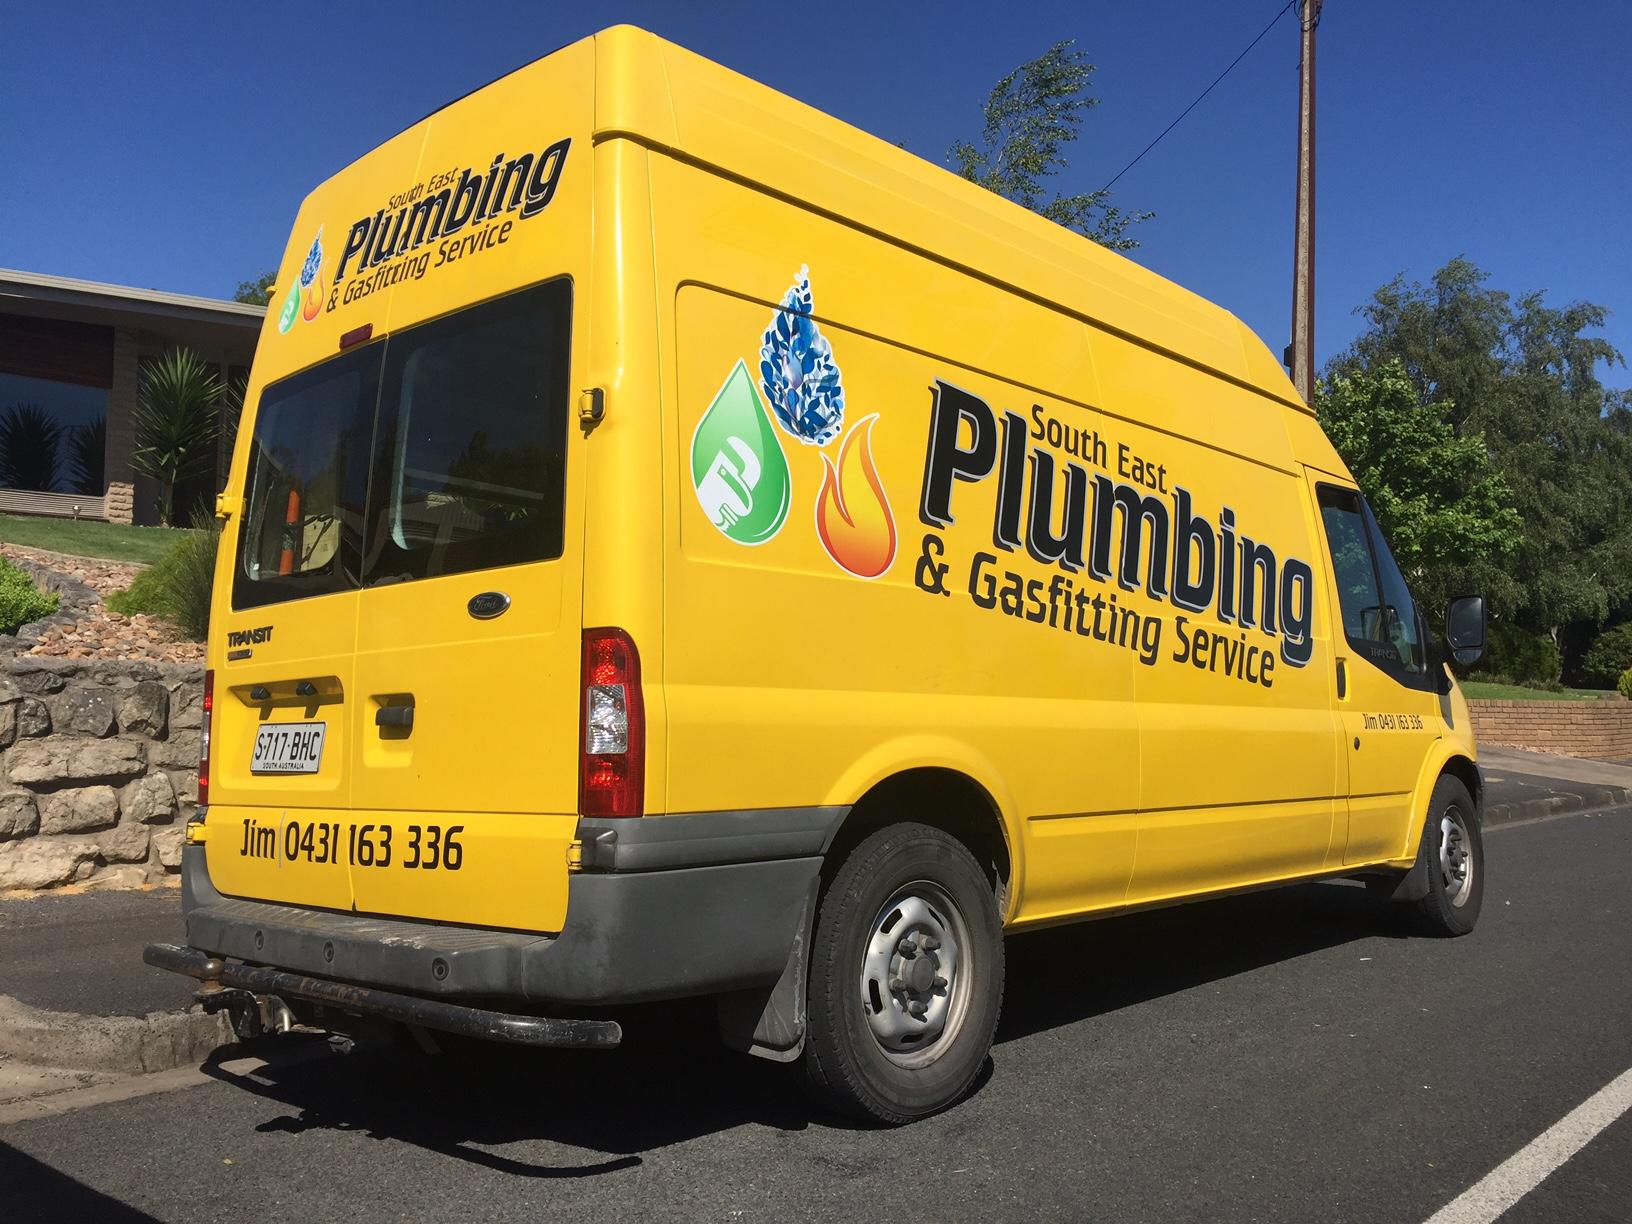 SE Plumbing & Gas Fitting